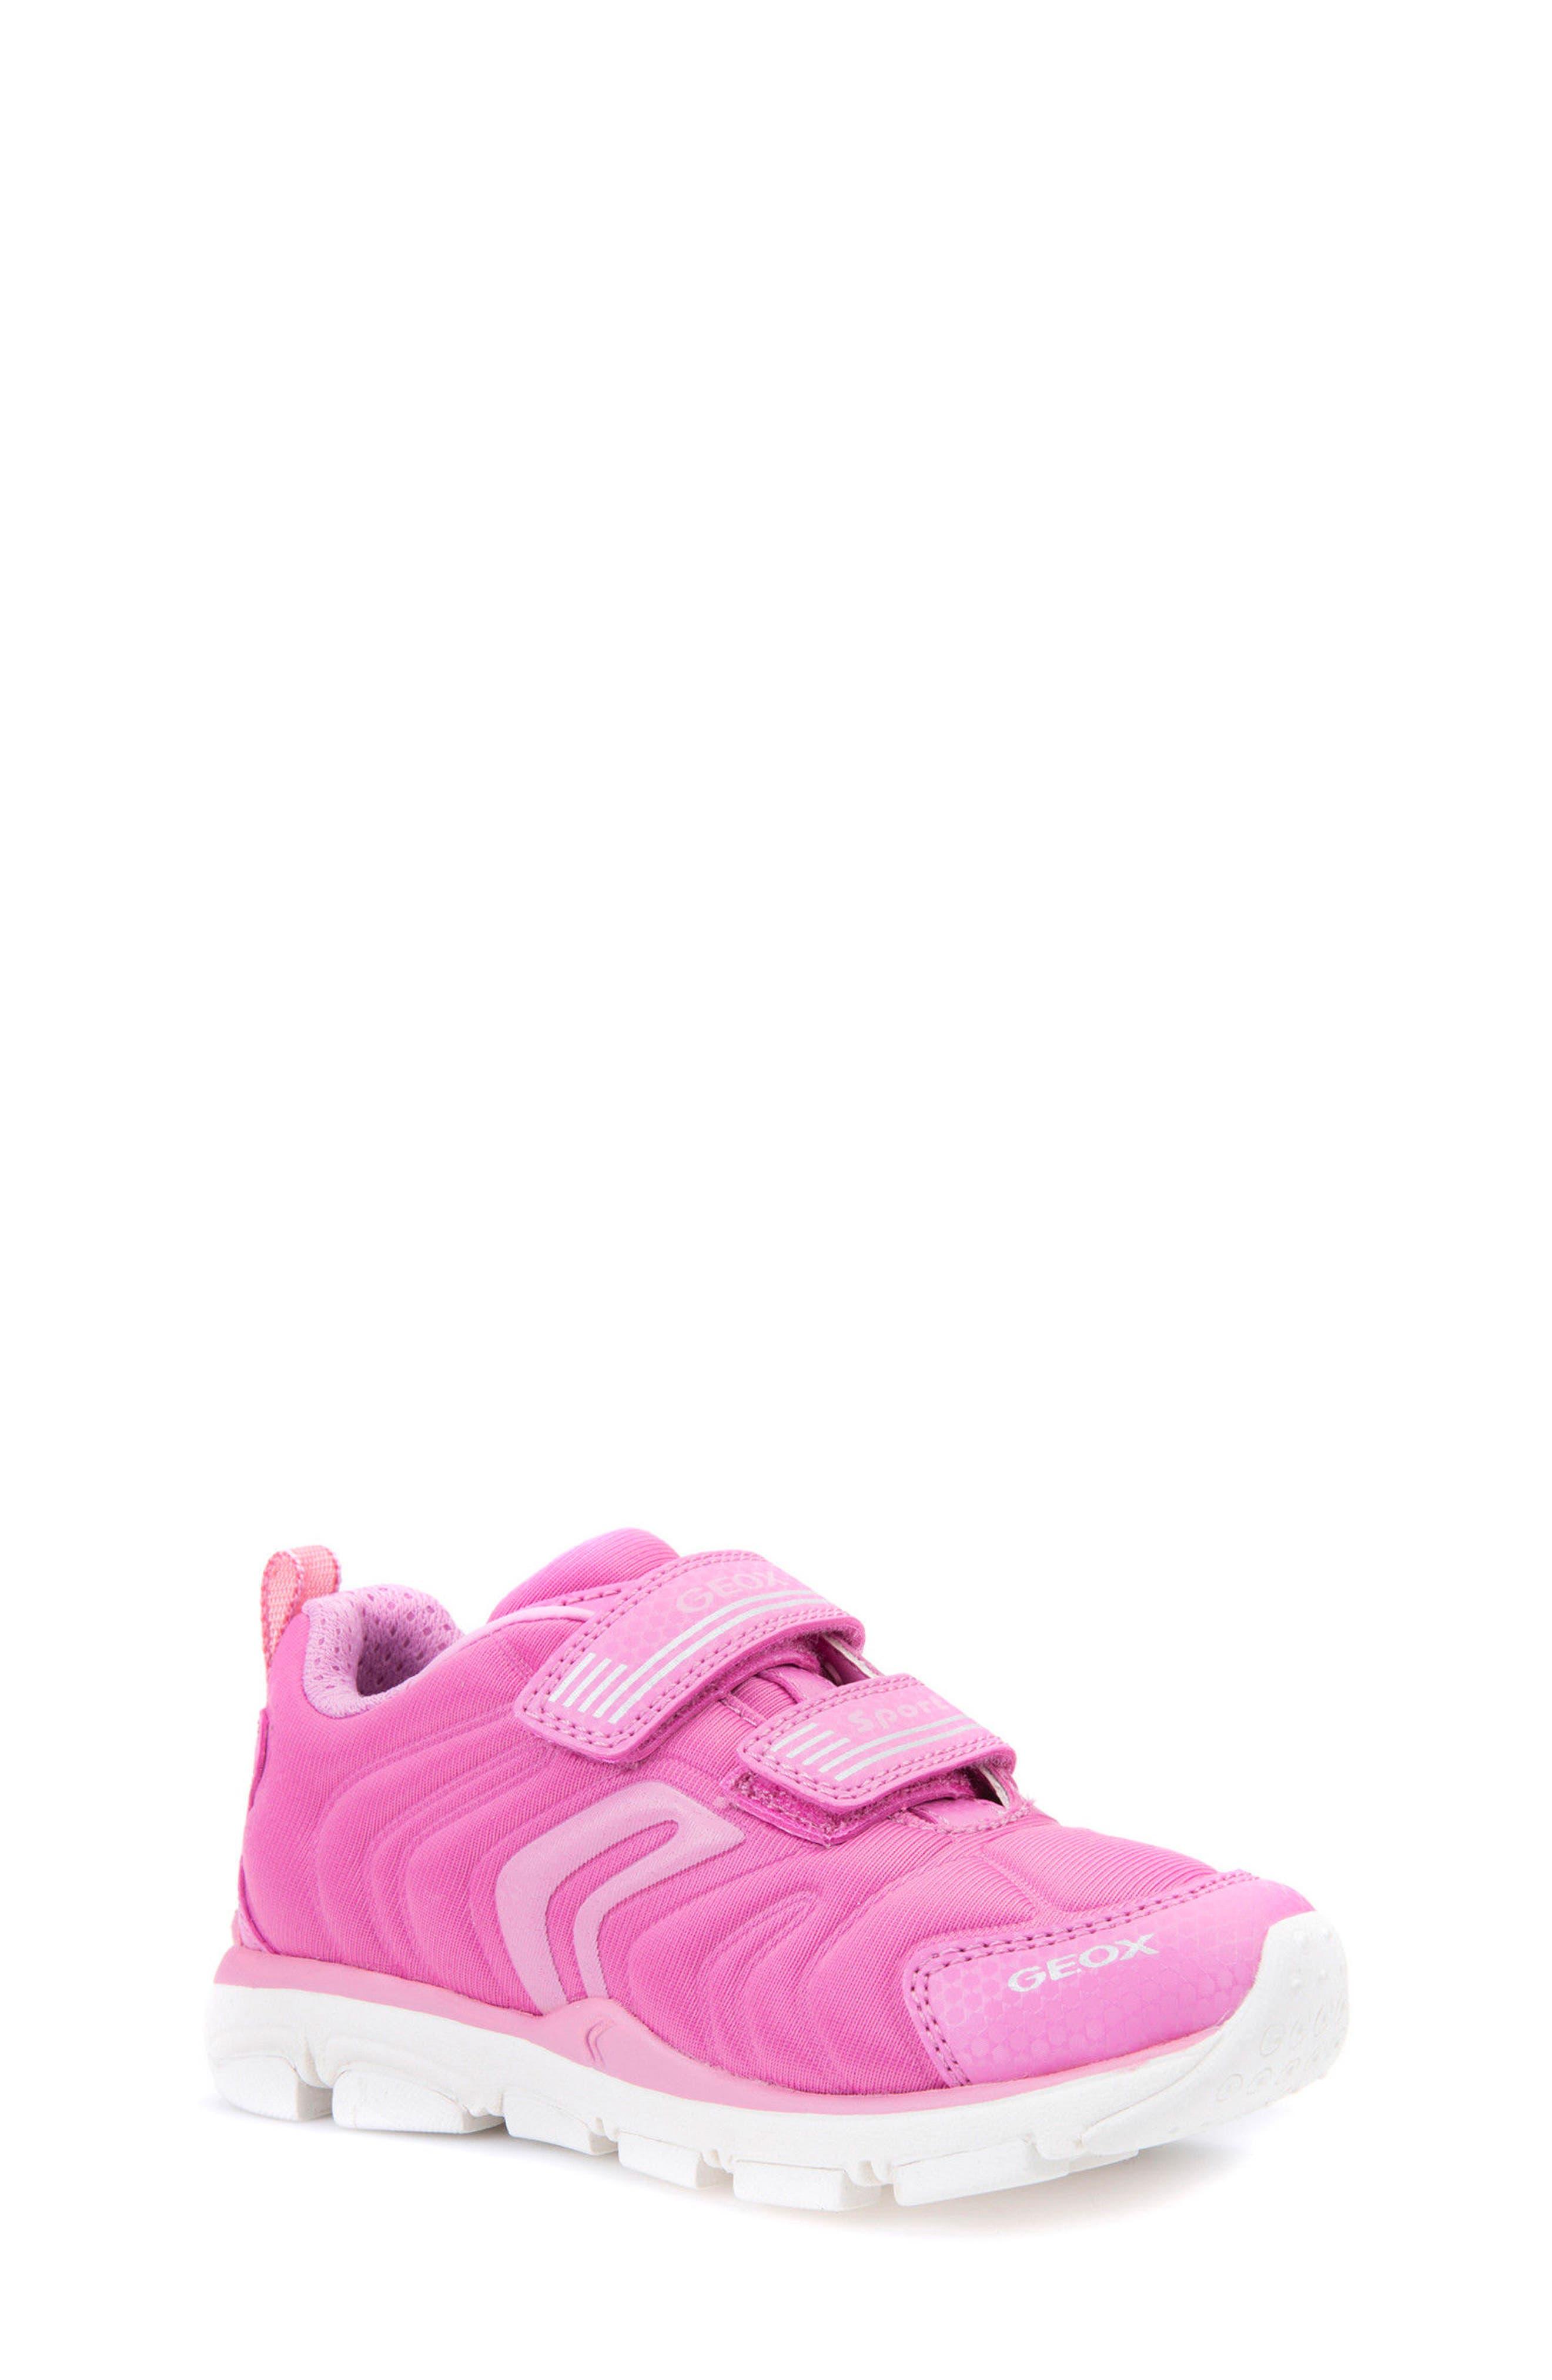 GEOX Torque Sneaker, Main, color, 660